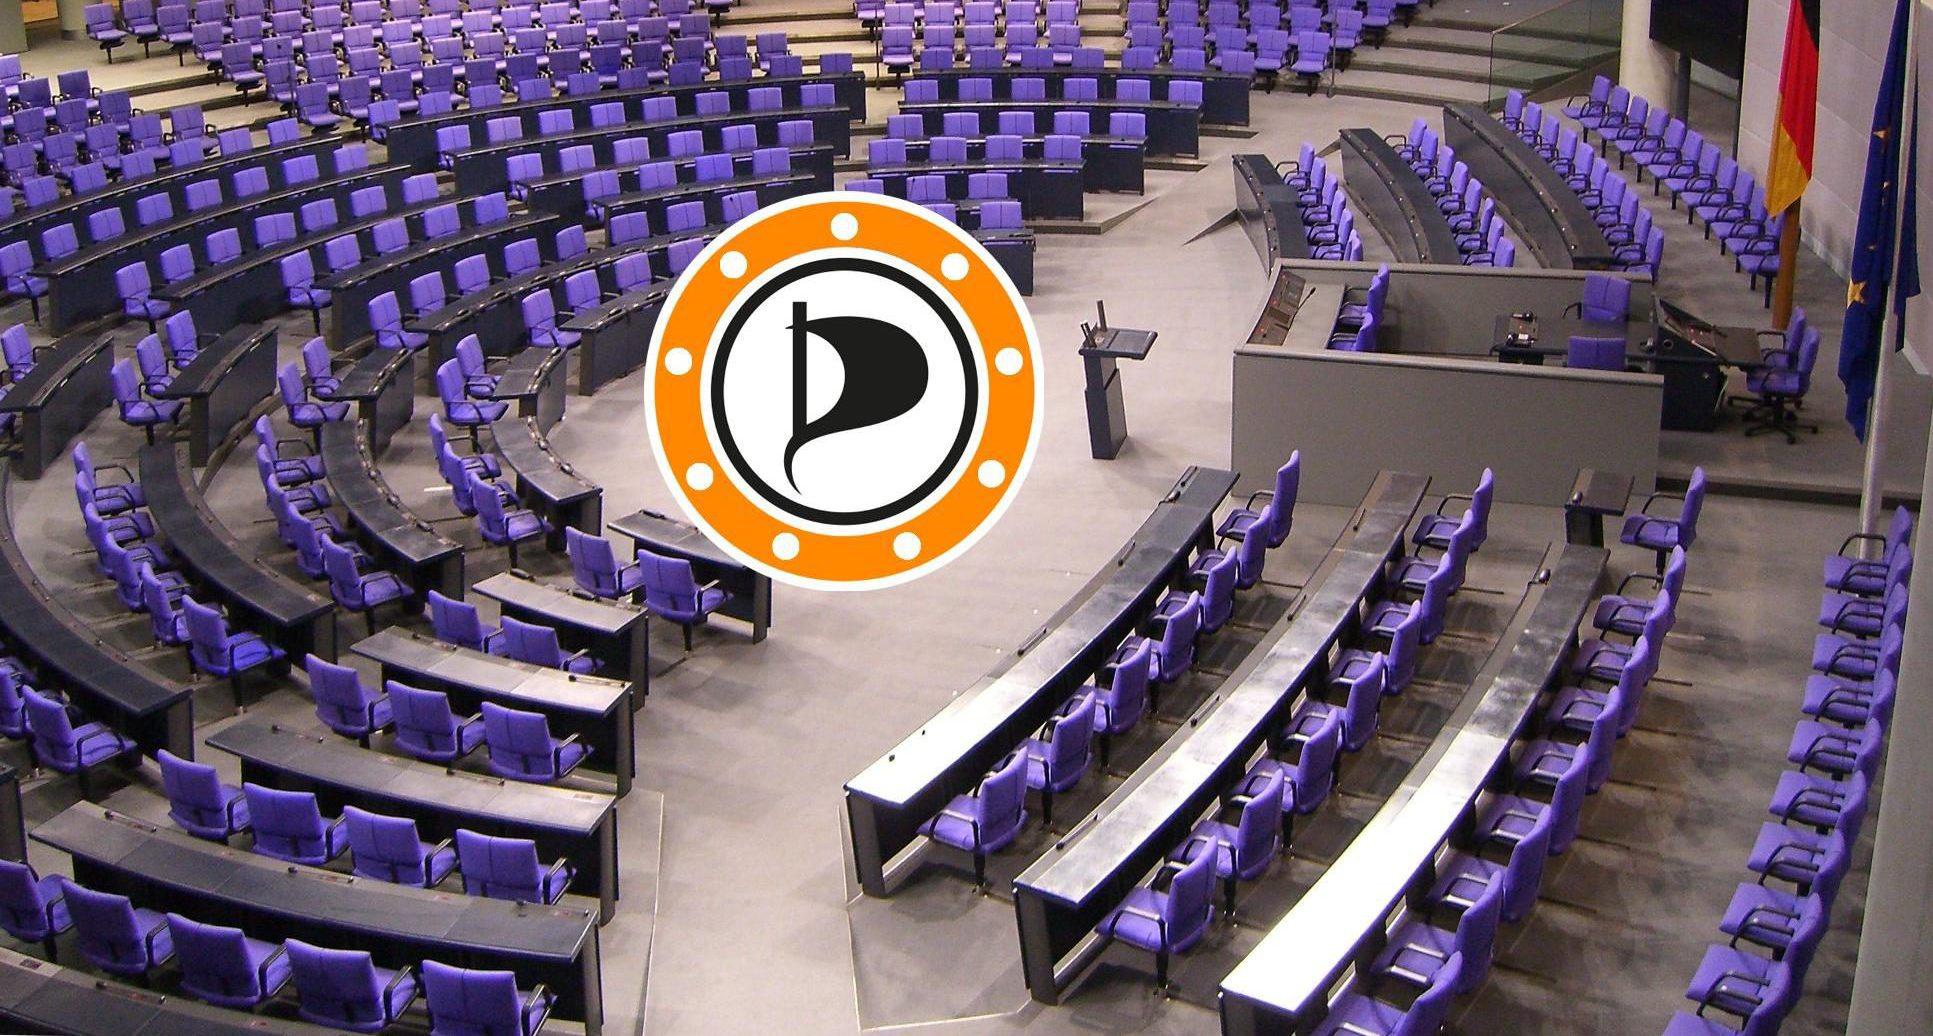 Foto vom Plenum des Bundestags, alle Stühle sind noch leer. In der Mitte das Logo der Piratenpartei Ennepe-Ruhr.